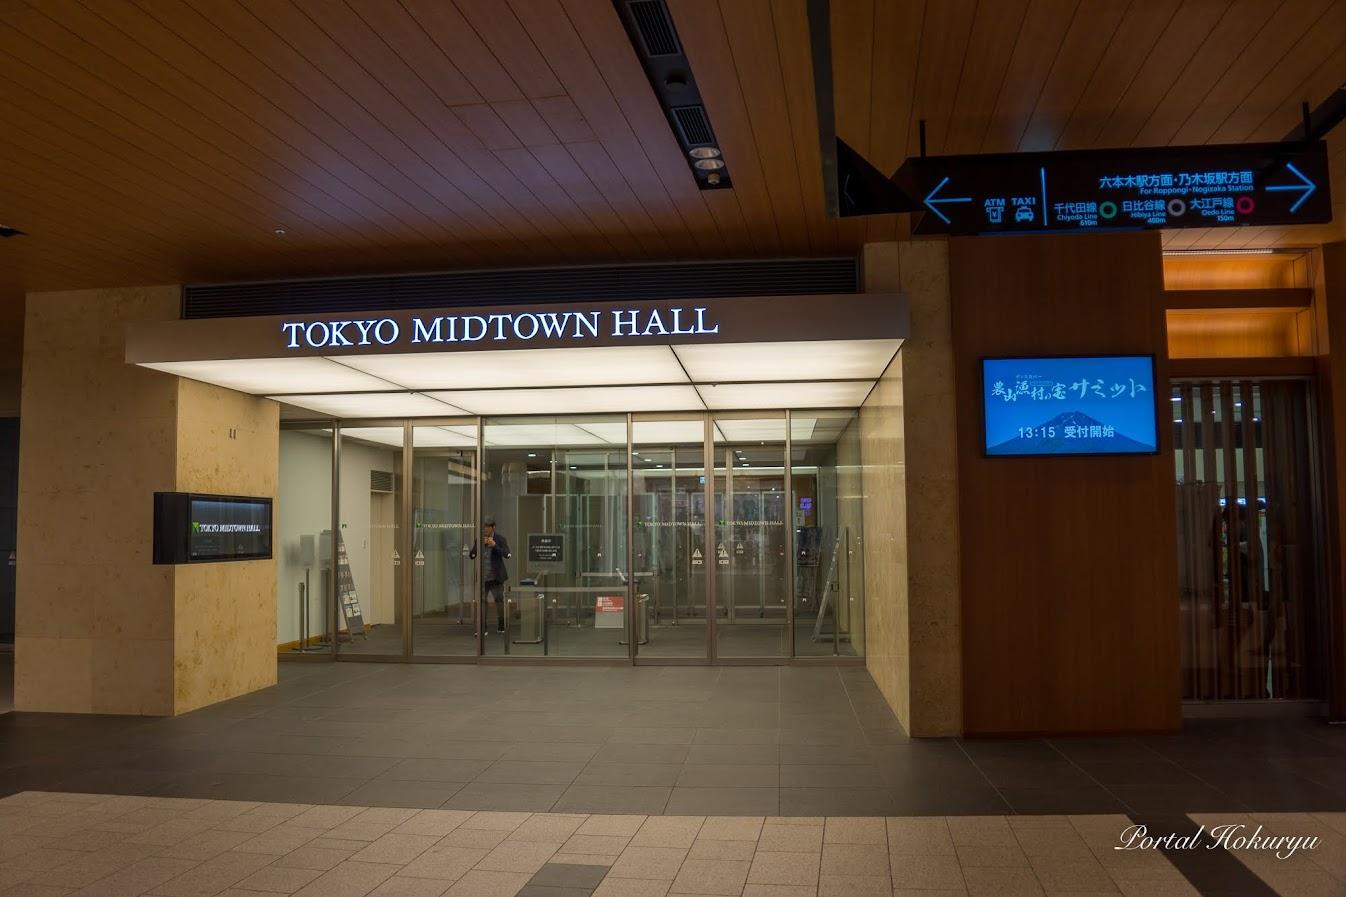 東京ミッドタウンホールA・B入り口